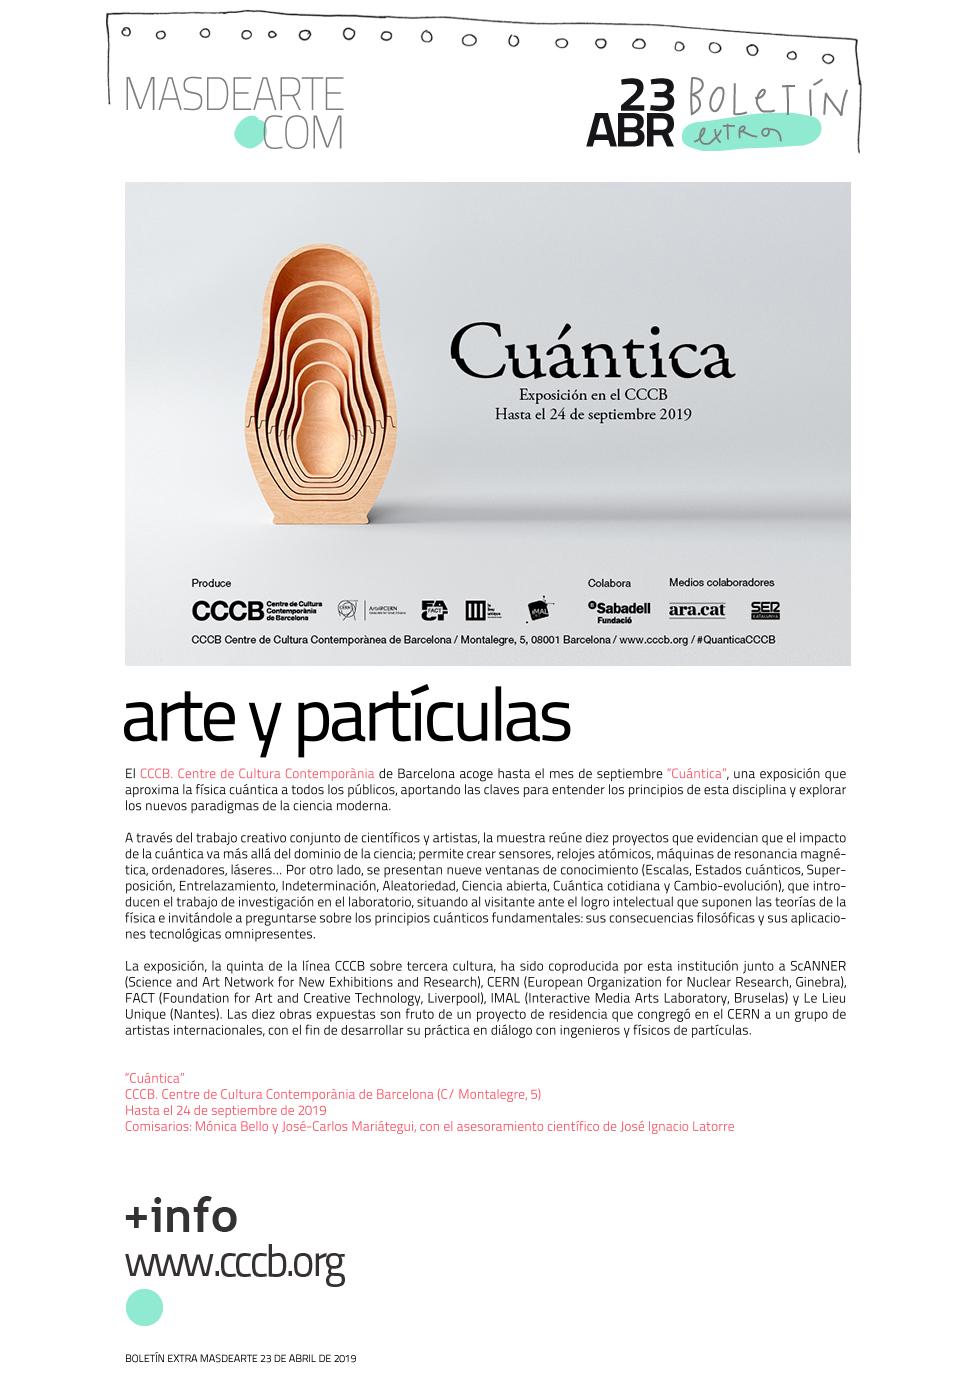 """""""Cuántica"""", la exposición que aproxima al gran público la física y los nuevos paradigmas de la ciencia moderna. En el CCCB hasta el 24 de septiembre de 2019"""